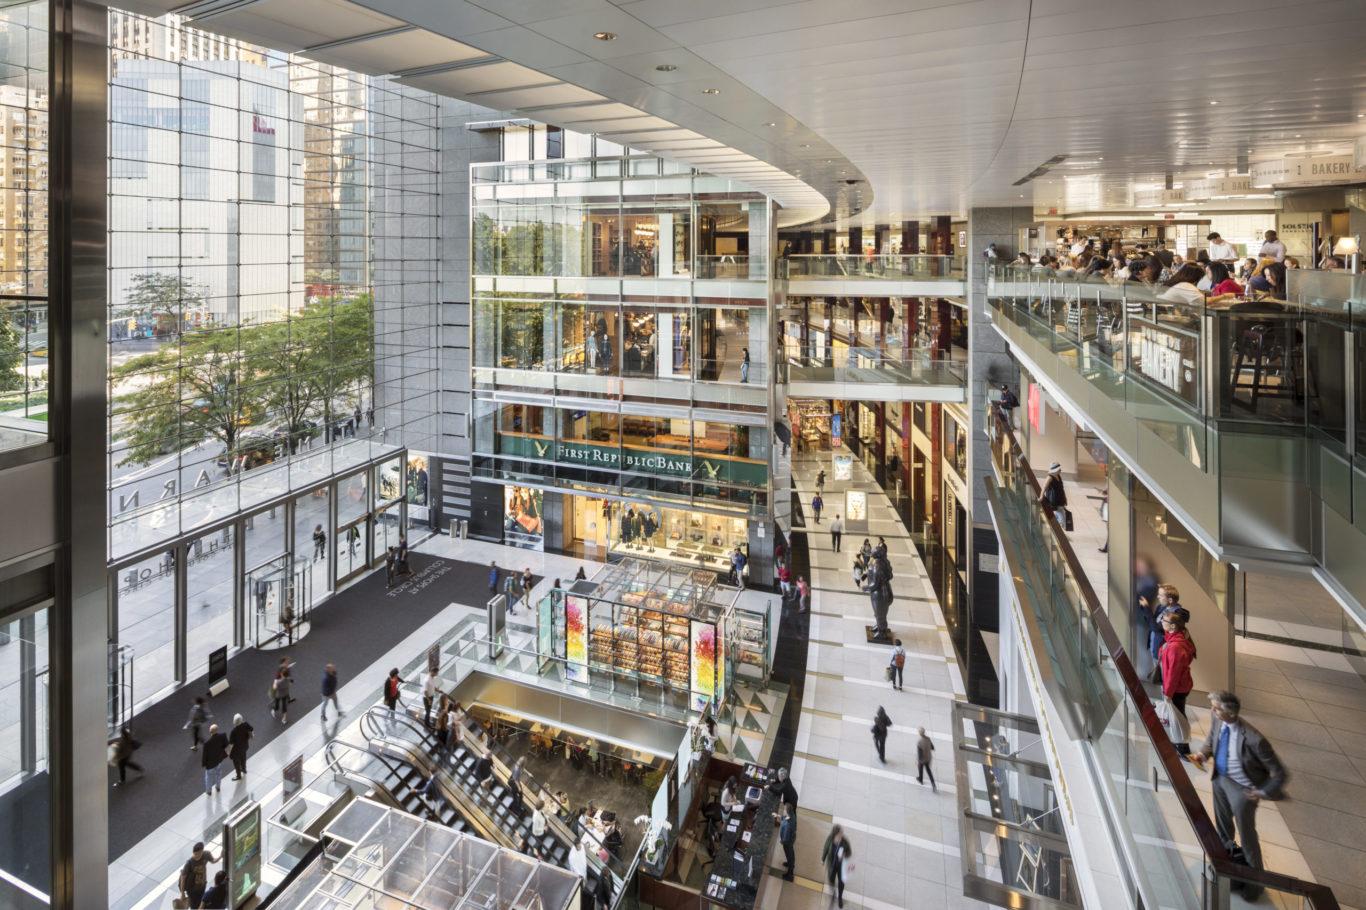 Slide 1 of 2, Time Warner Center